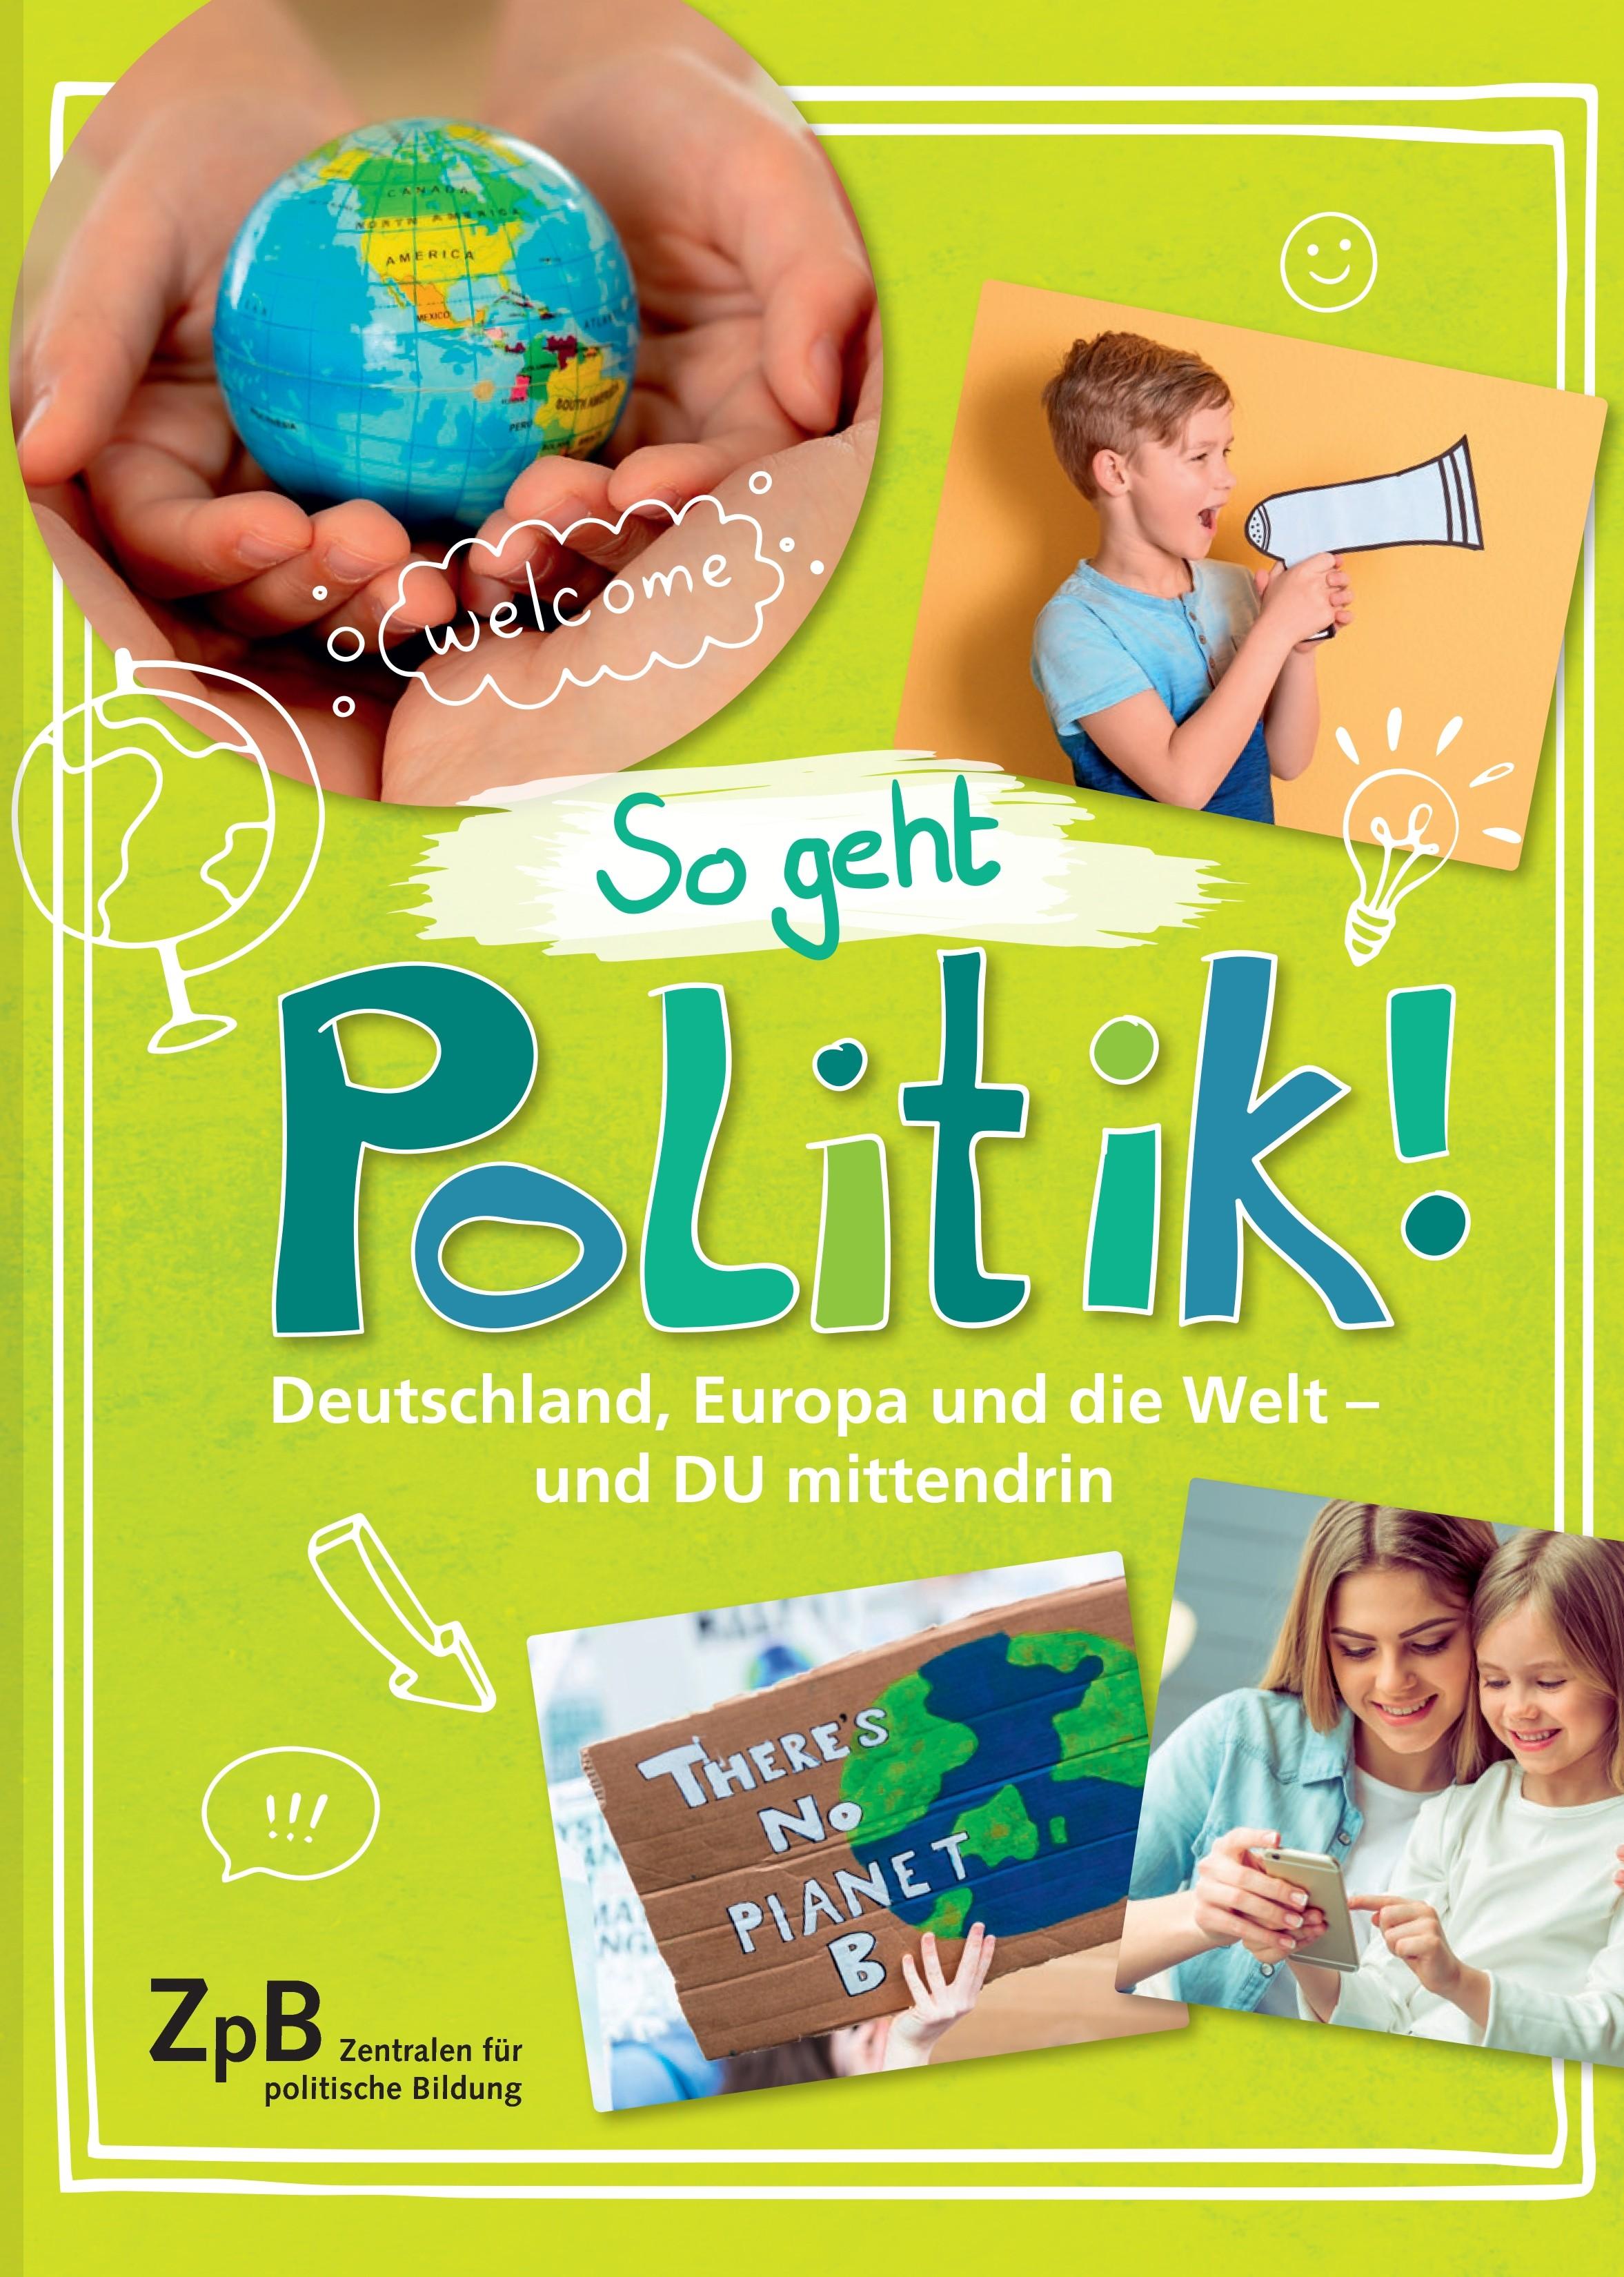 Titelseite groß 506* So geht Politik! Deutschland, Europa und die Welt - und Du mittendrin!